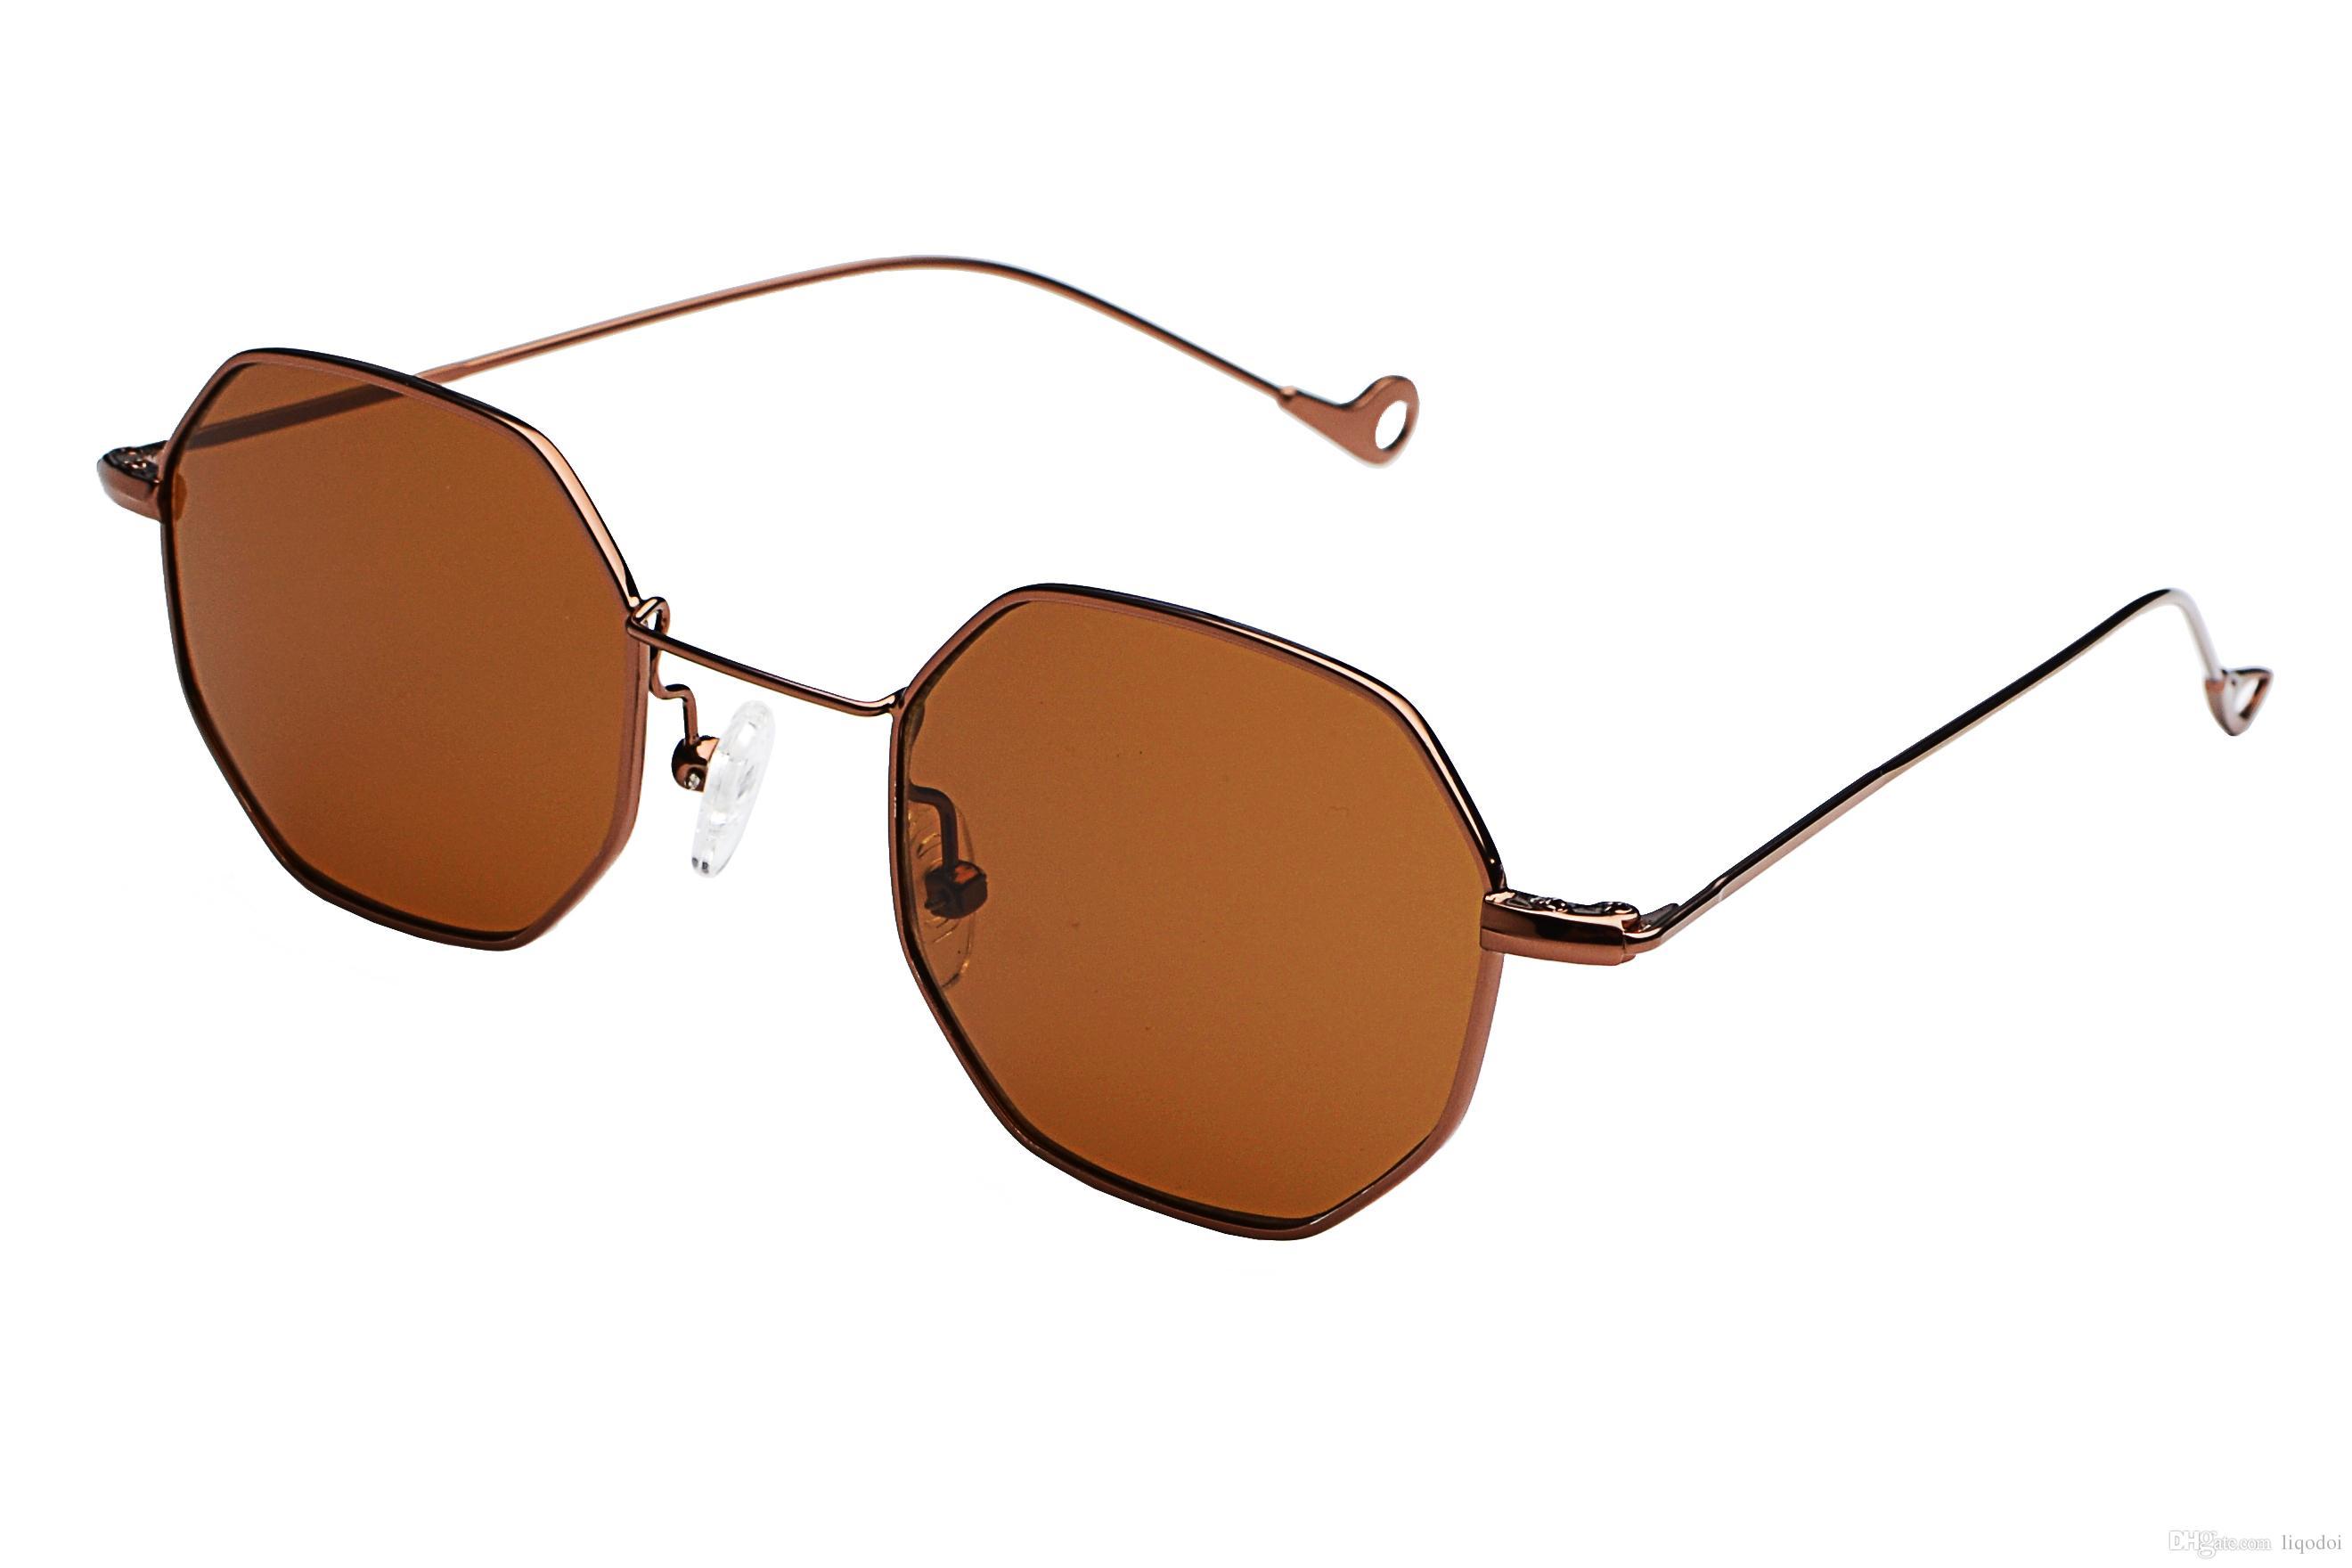 4190f60083bd4 Compre Quadrado Óculos De Sol De Metal Octagon Homens Mulheres Moda Óculos  De Sol Marca Designer Retro Óculos Vintage Shades Atacado De Liqodoi, ...